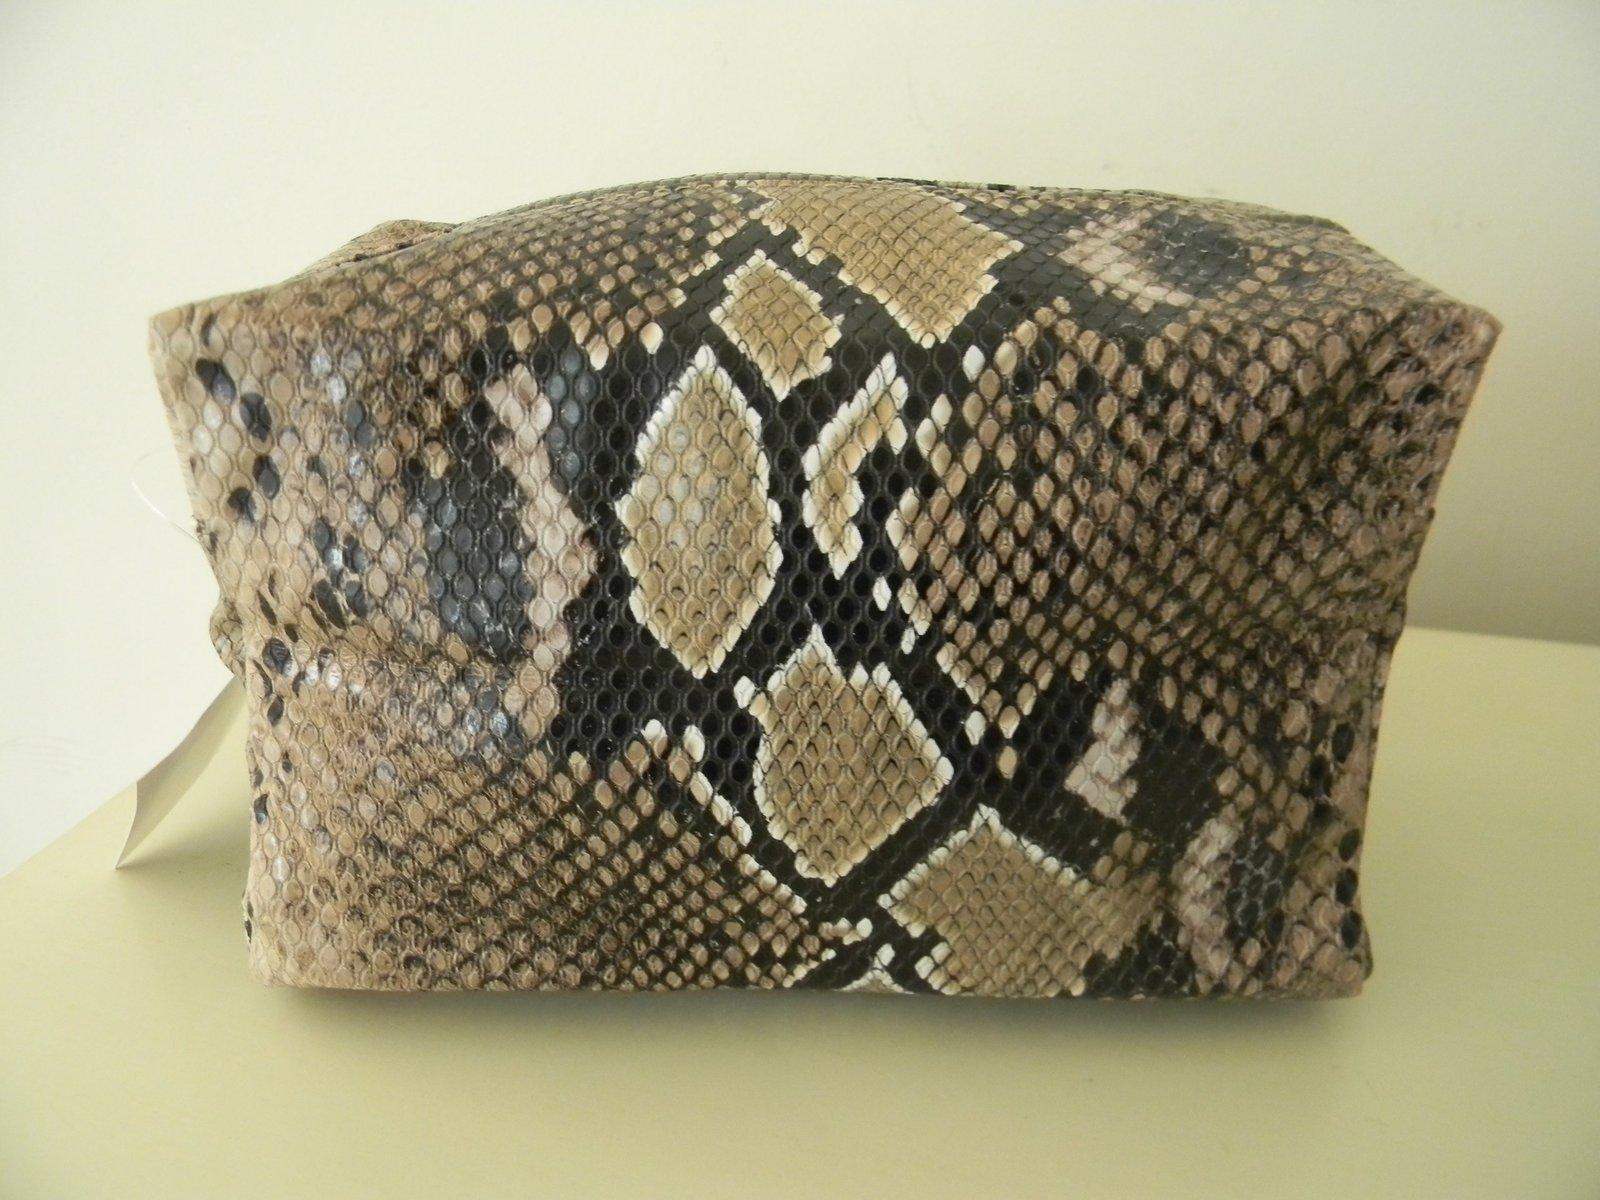 Nordstrom Makeup/bag 2012 - $9.89